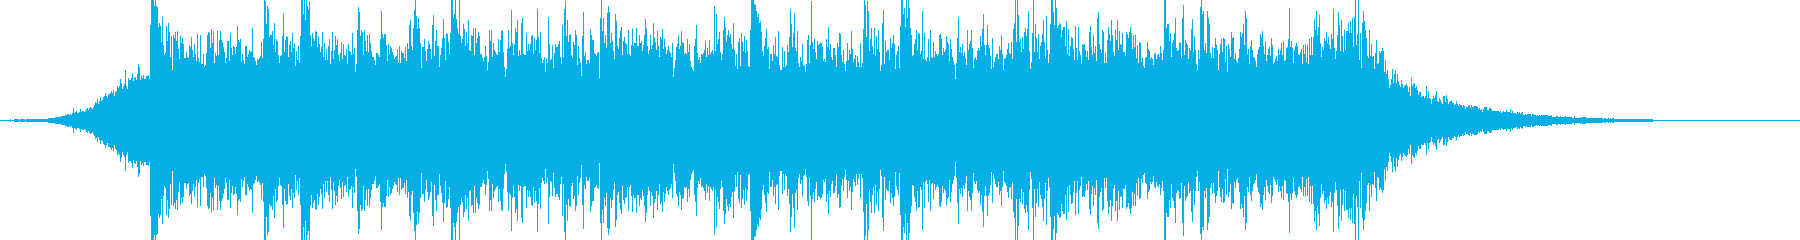 企業VPや映像39、壮大、オーケストラcの再生済みの波形